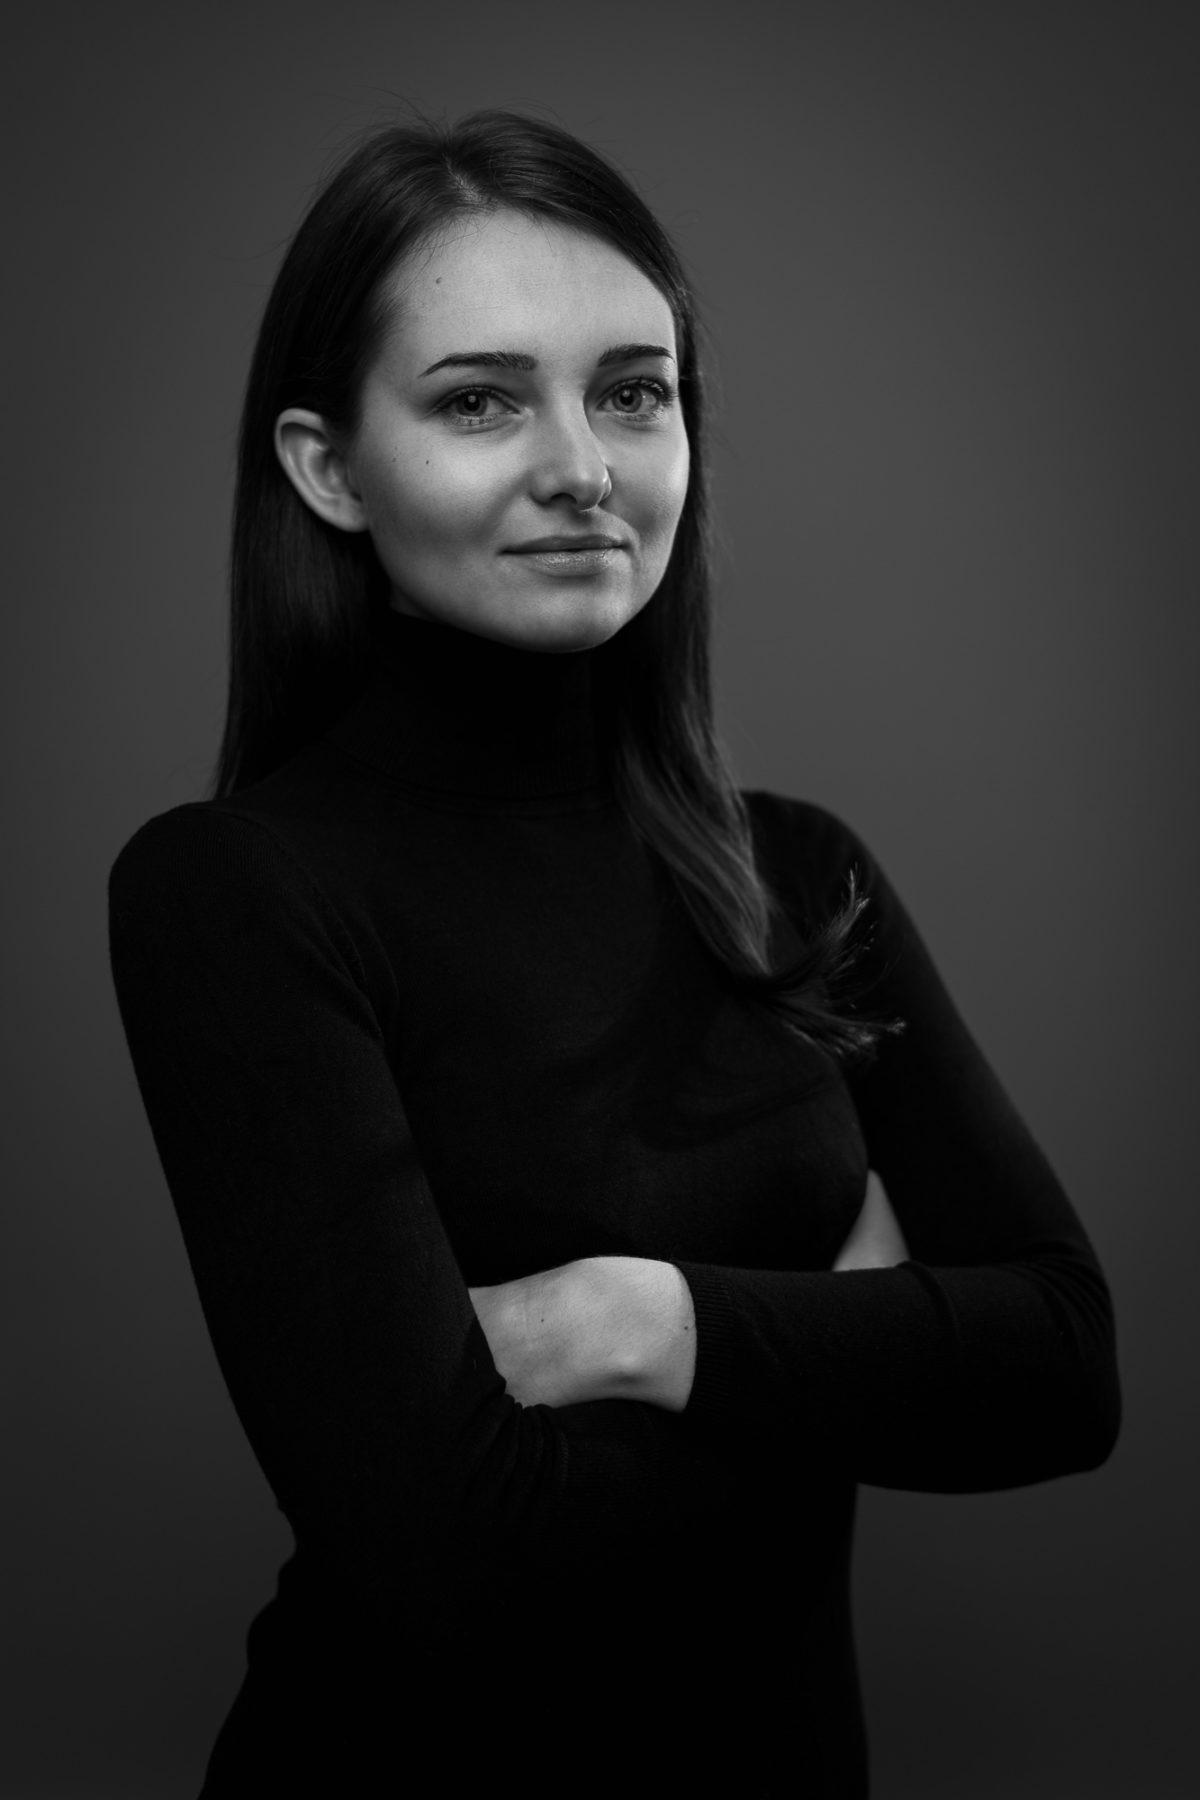 Schwarz-Weiss Portrait einer lächelnden Frau